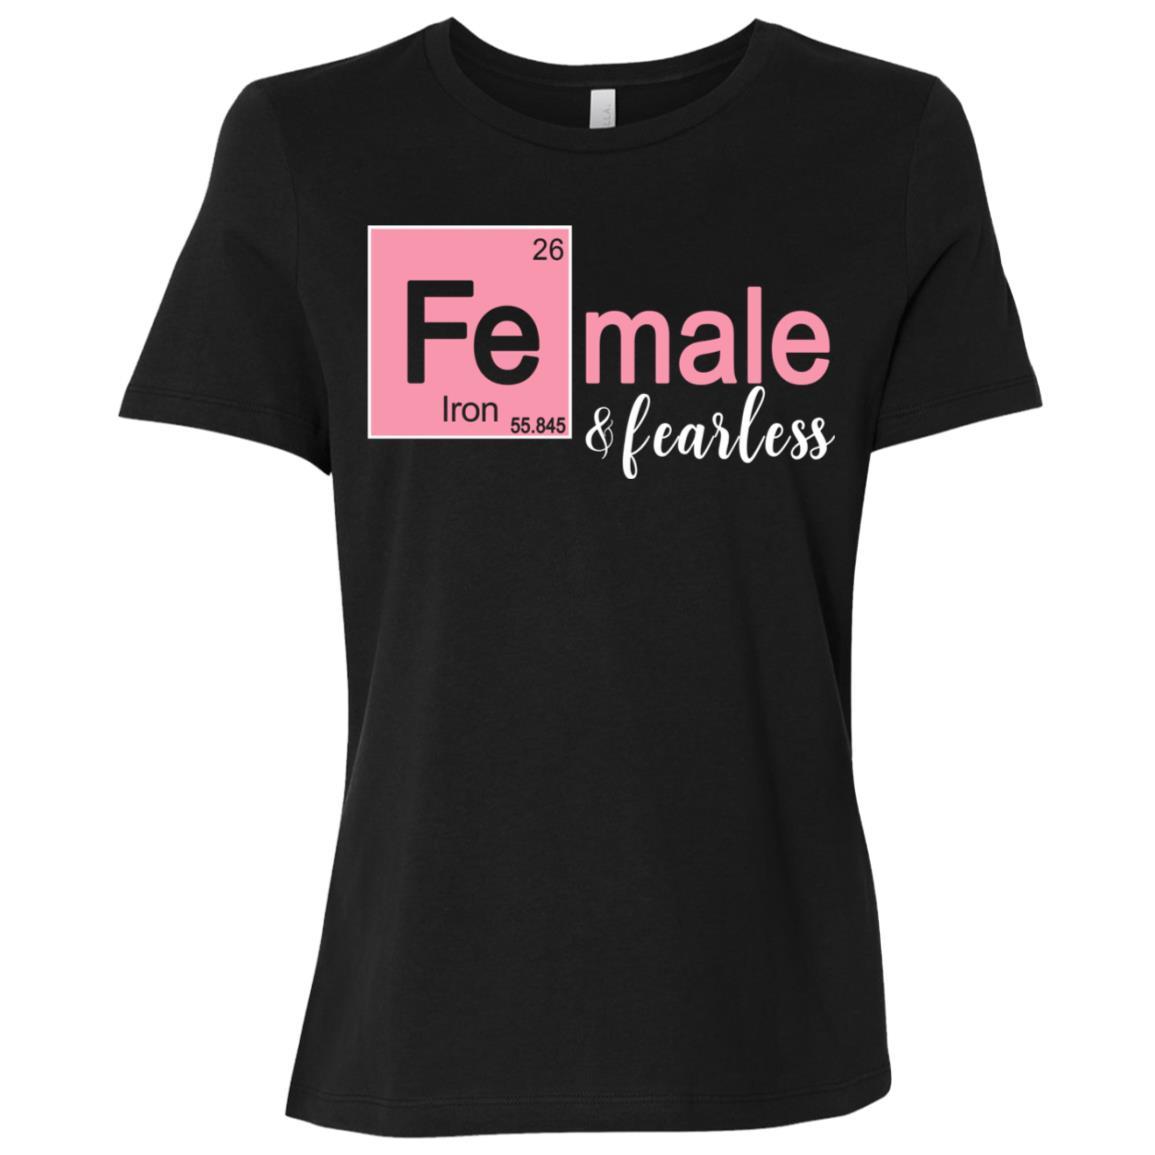 Female & Fearless Funny Stem Tee for Women & Girls Women Short Sleeve T-Shirt